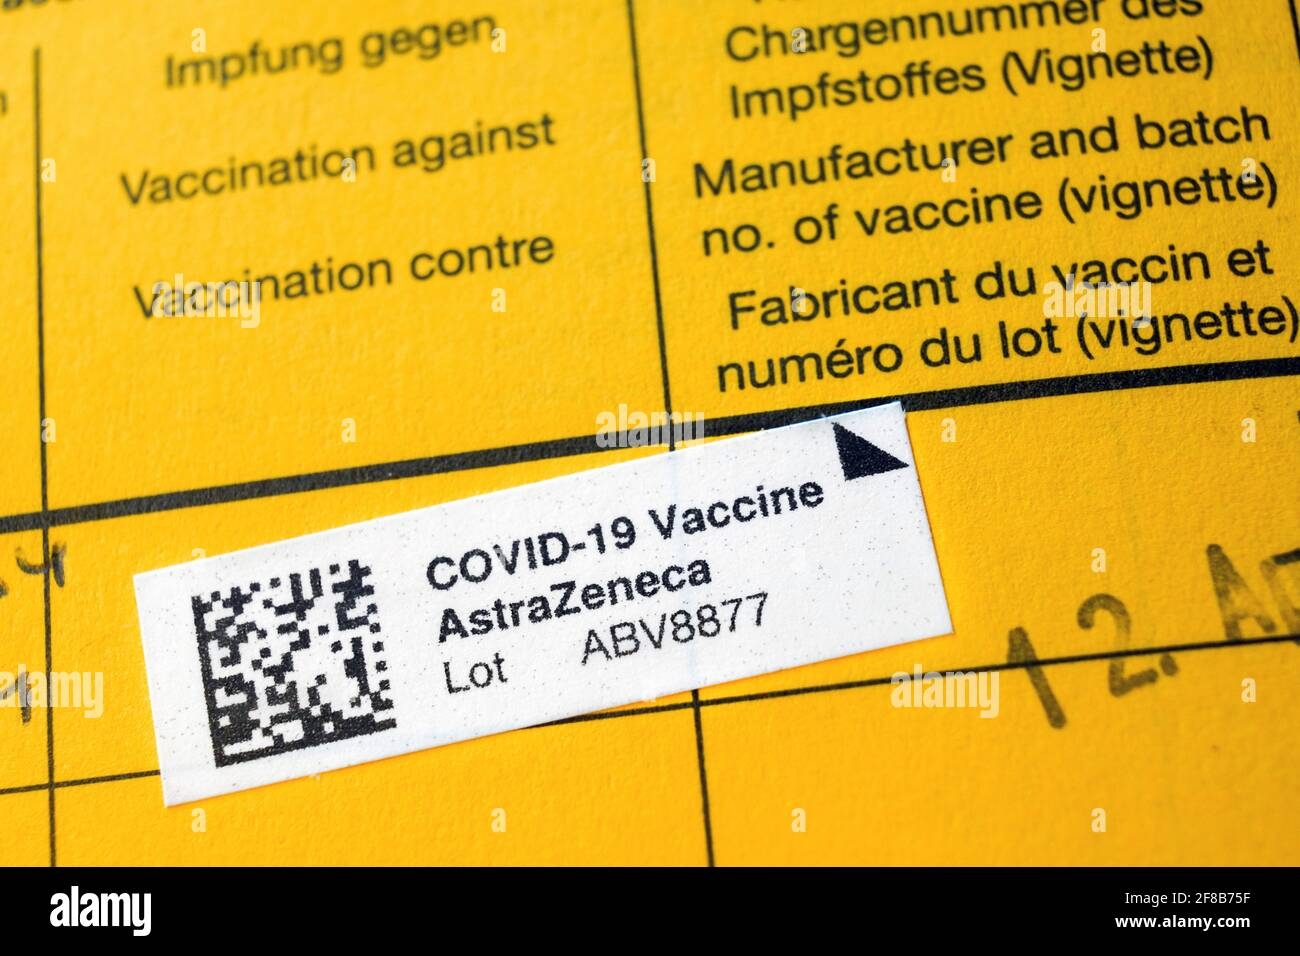 Dortmund, 13.04.2021: Impfbescheinigung, Eintrag einer durch die Kassenärztliche Vereinigung Westfalen-Lippe (KVWL) vorgenommene Erstimpfung mit dem Impfstoff AstraZeneca in einem Impfbuch, Impfpass.   ---   Dortmund, Germany, April 12th, 2021: Vaccination certificate, entry of a first vaccination with the AstraZeneca vaccine carried out by the Association of Statutory Health Insurance Physicians Westphalia-Lippe (KVWL) in a vaccination book, vaccination certificate. Stock Photo